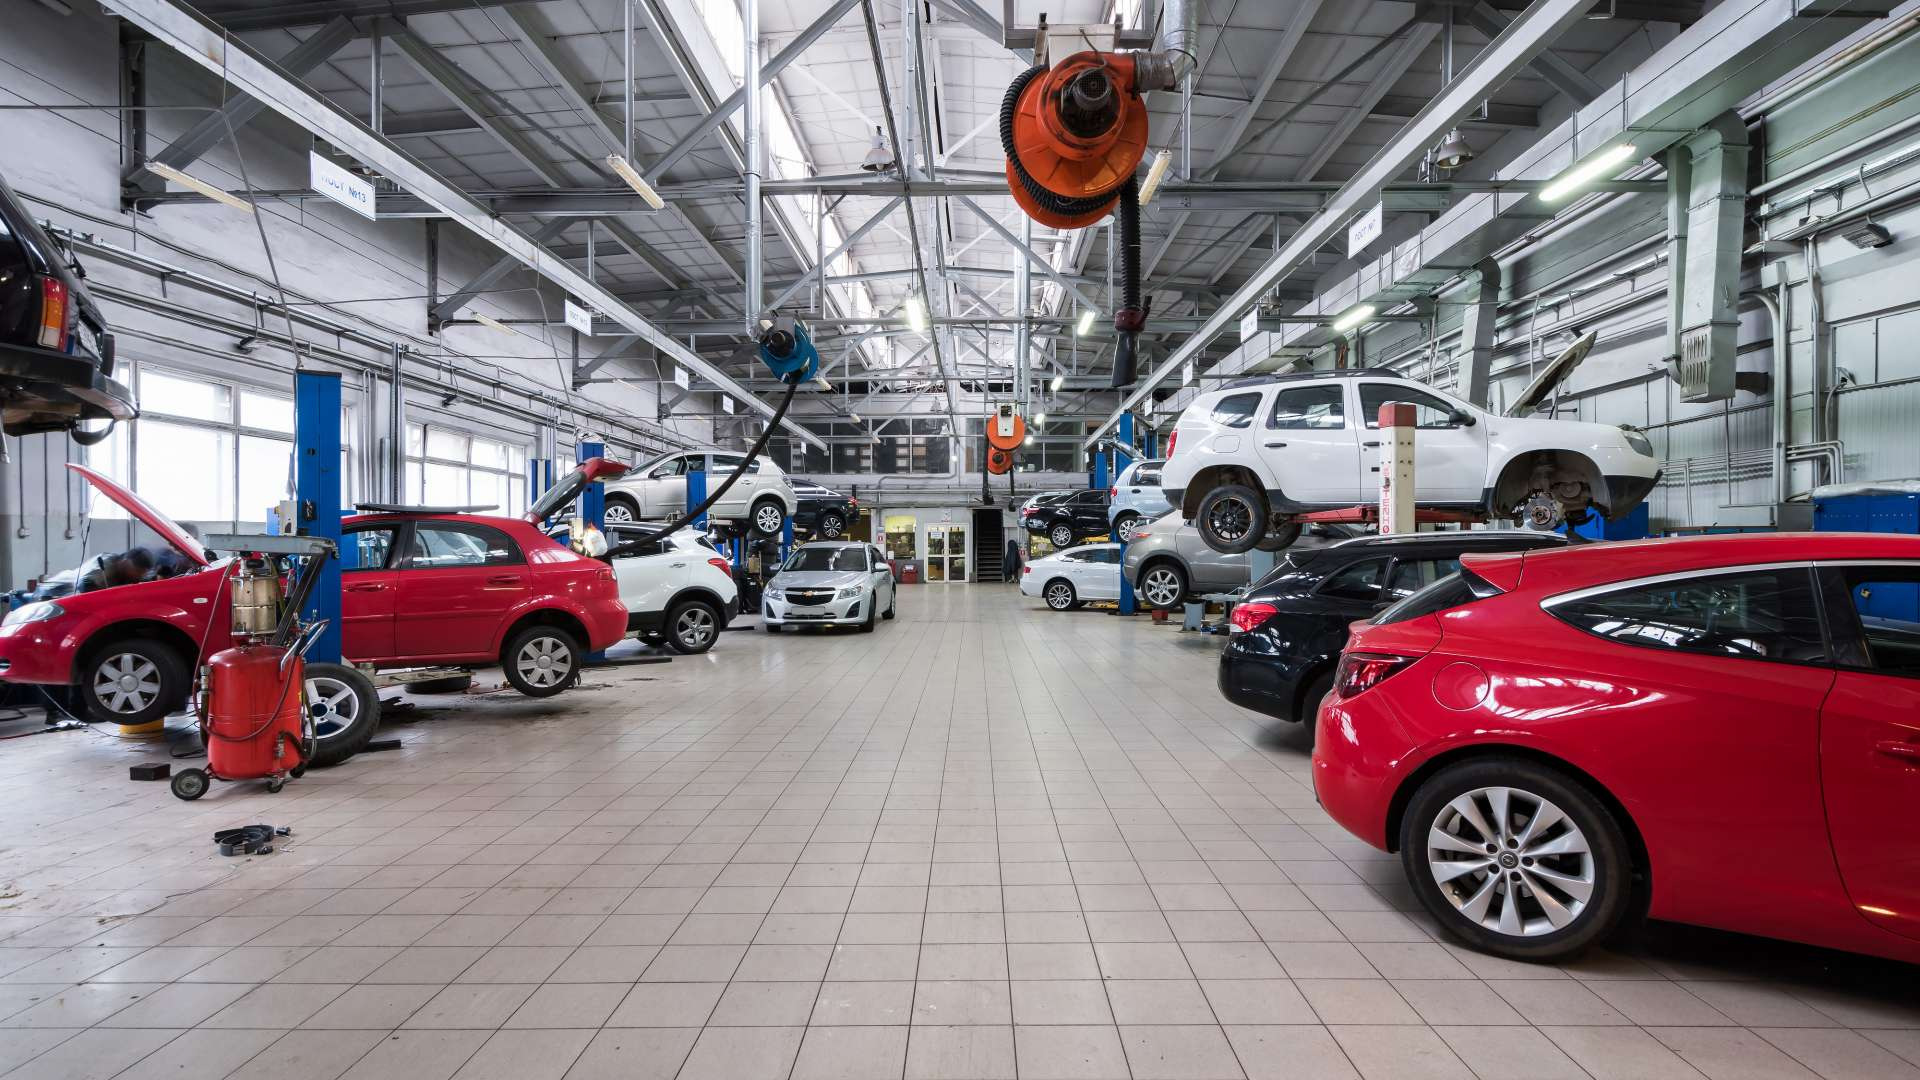 repair of any cars